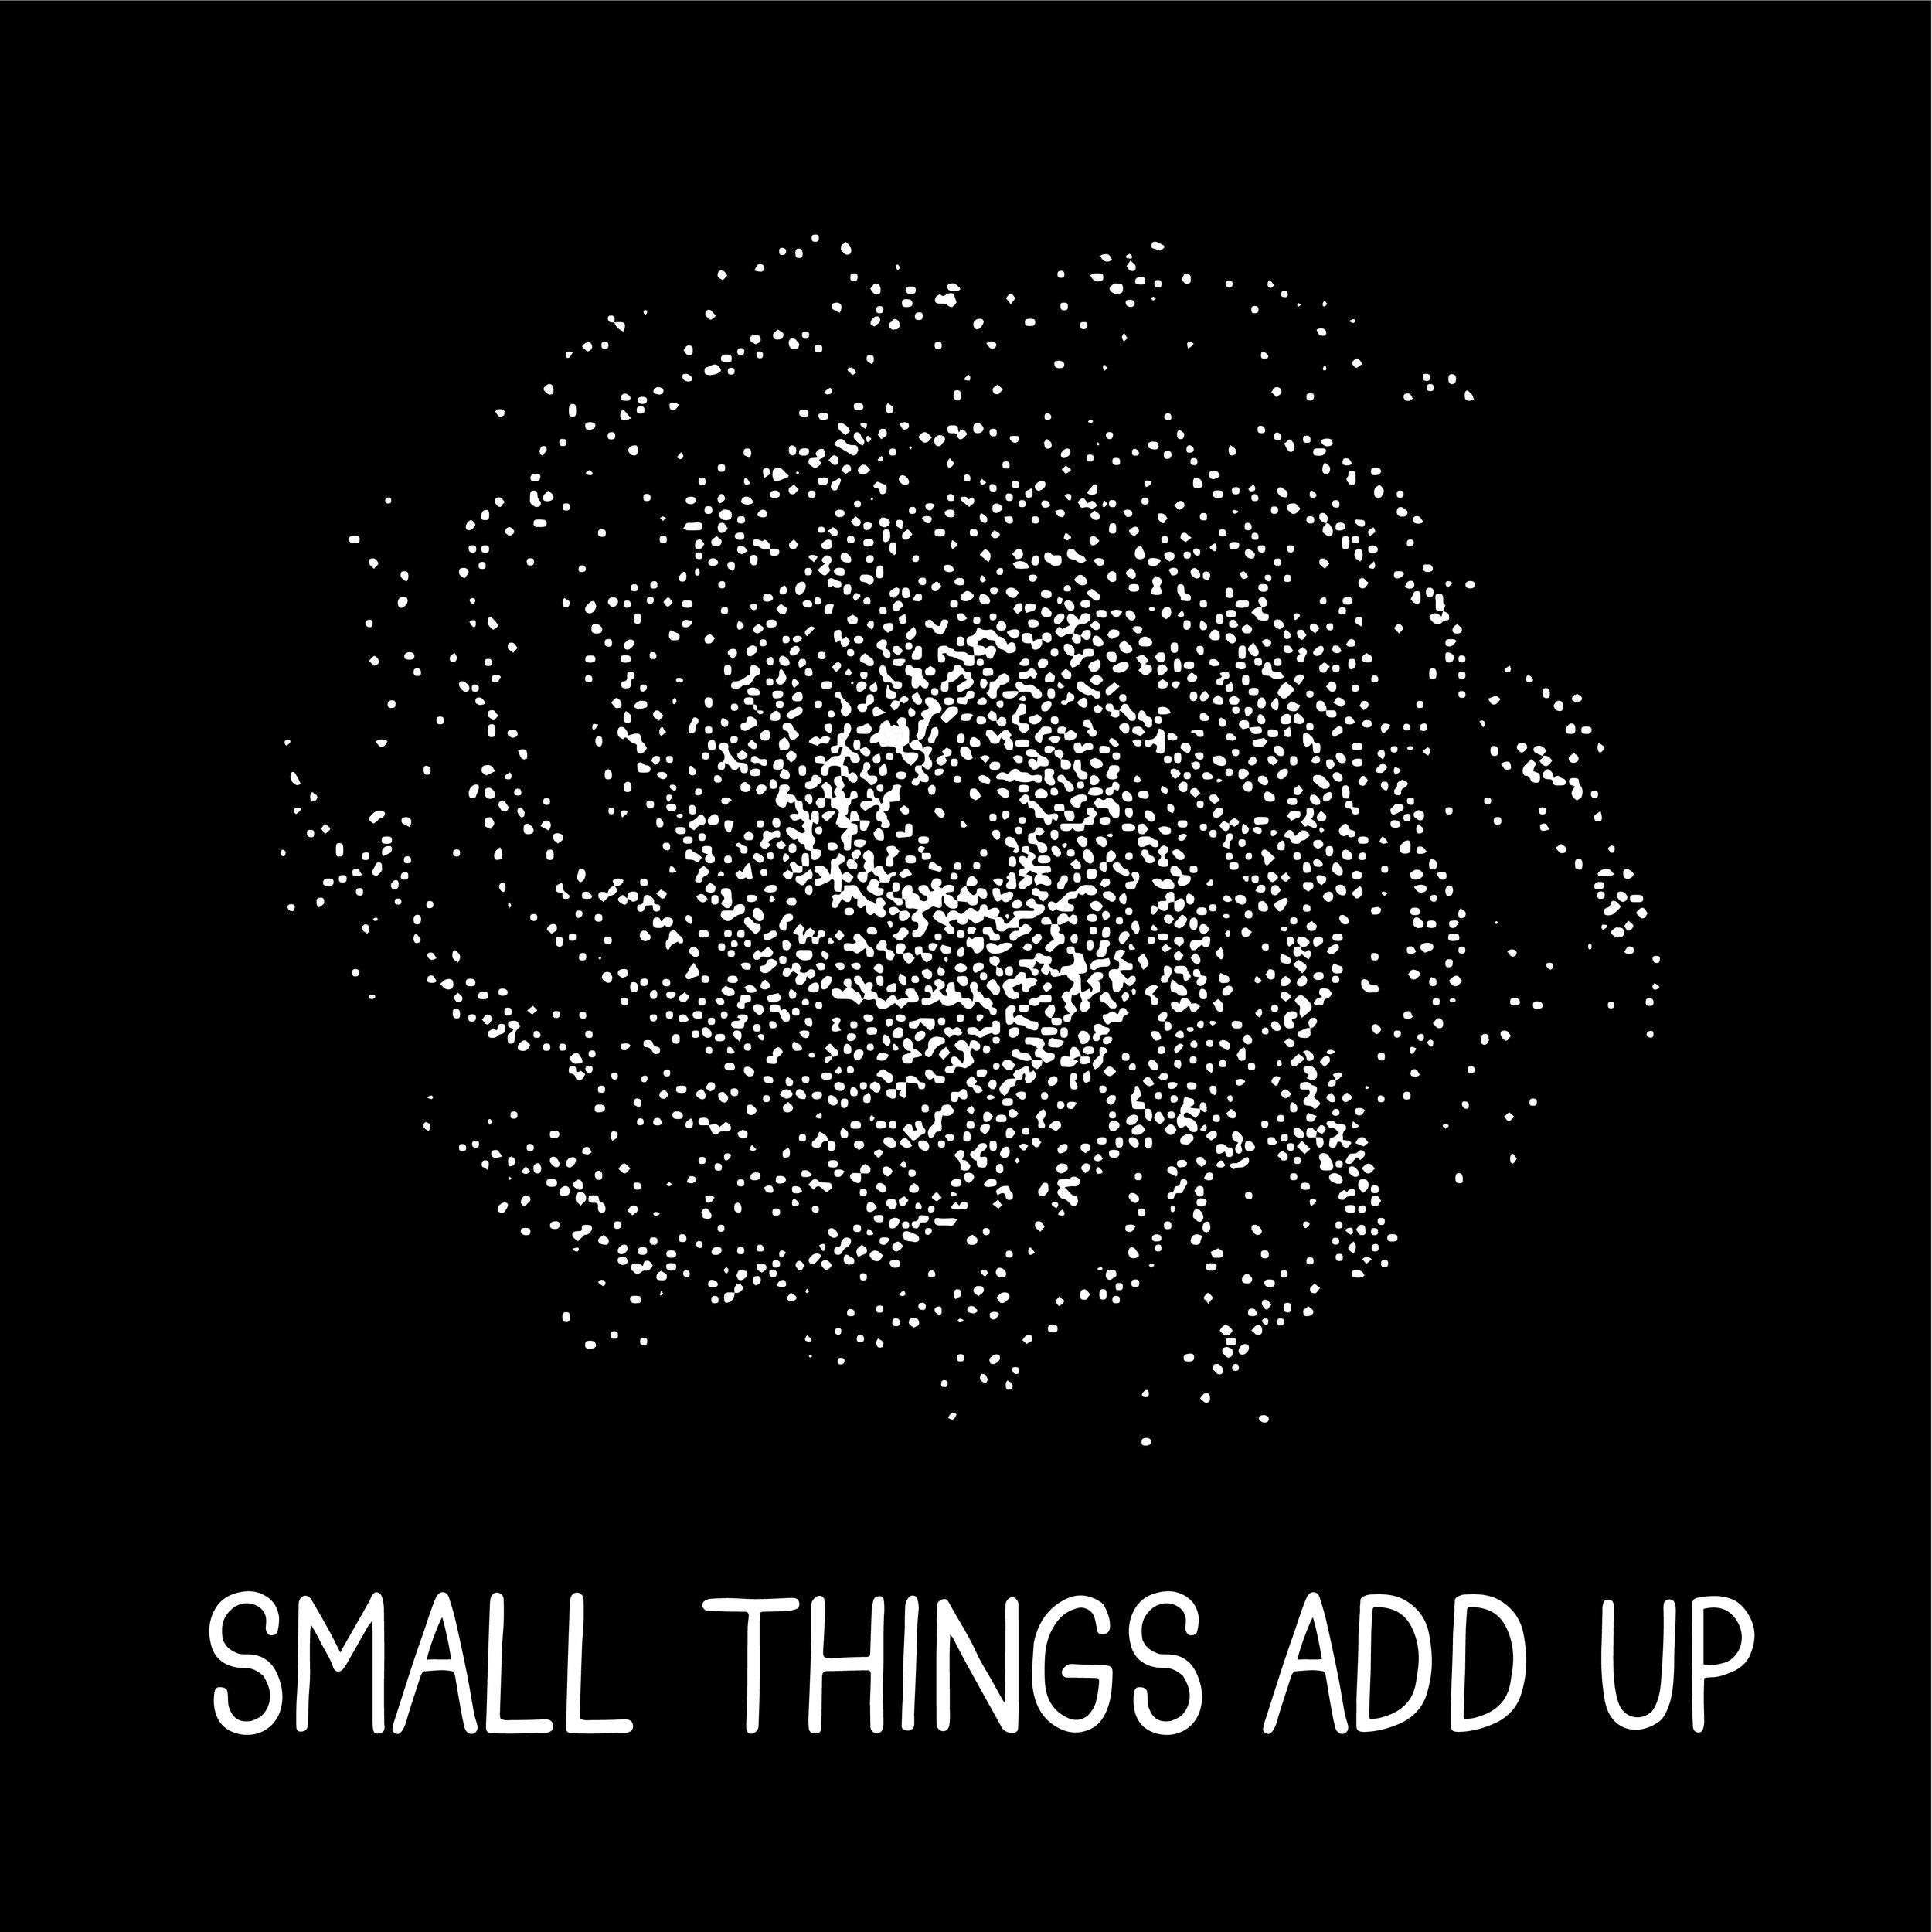 smallthings-01.jpg